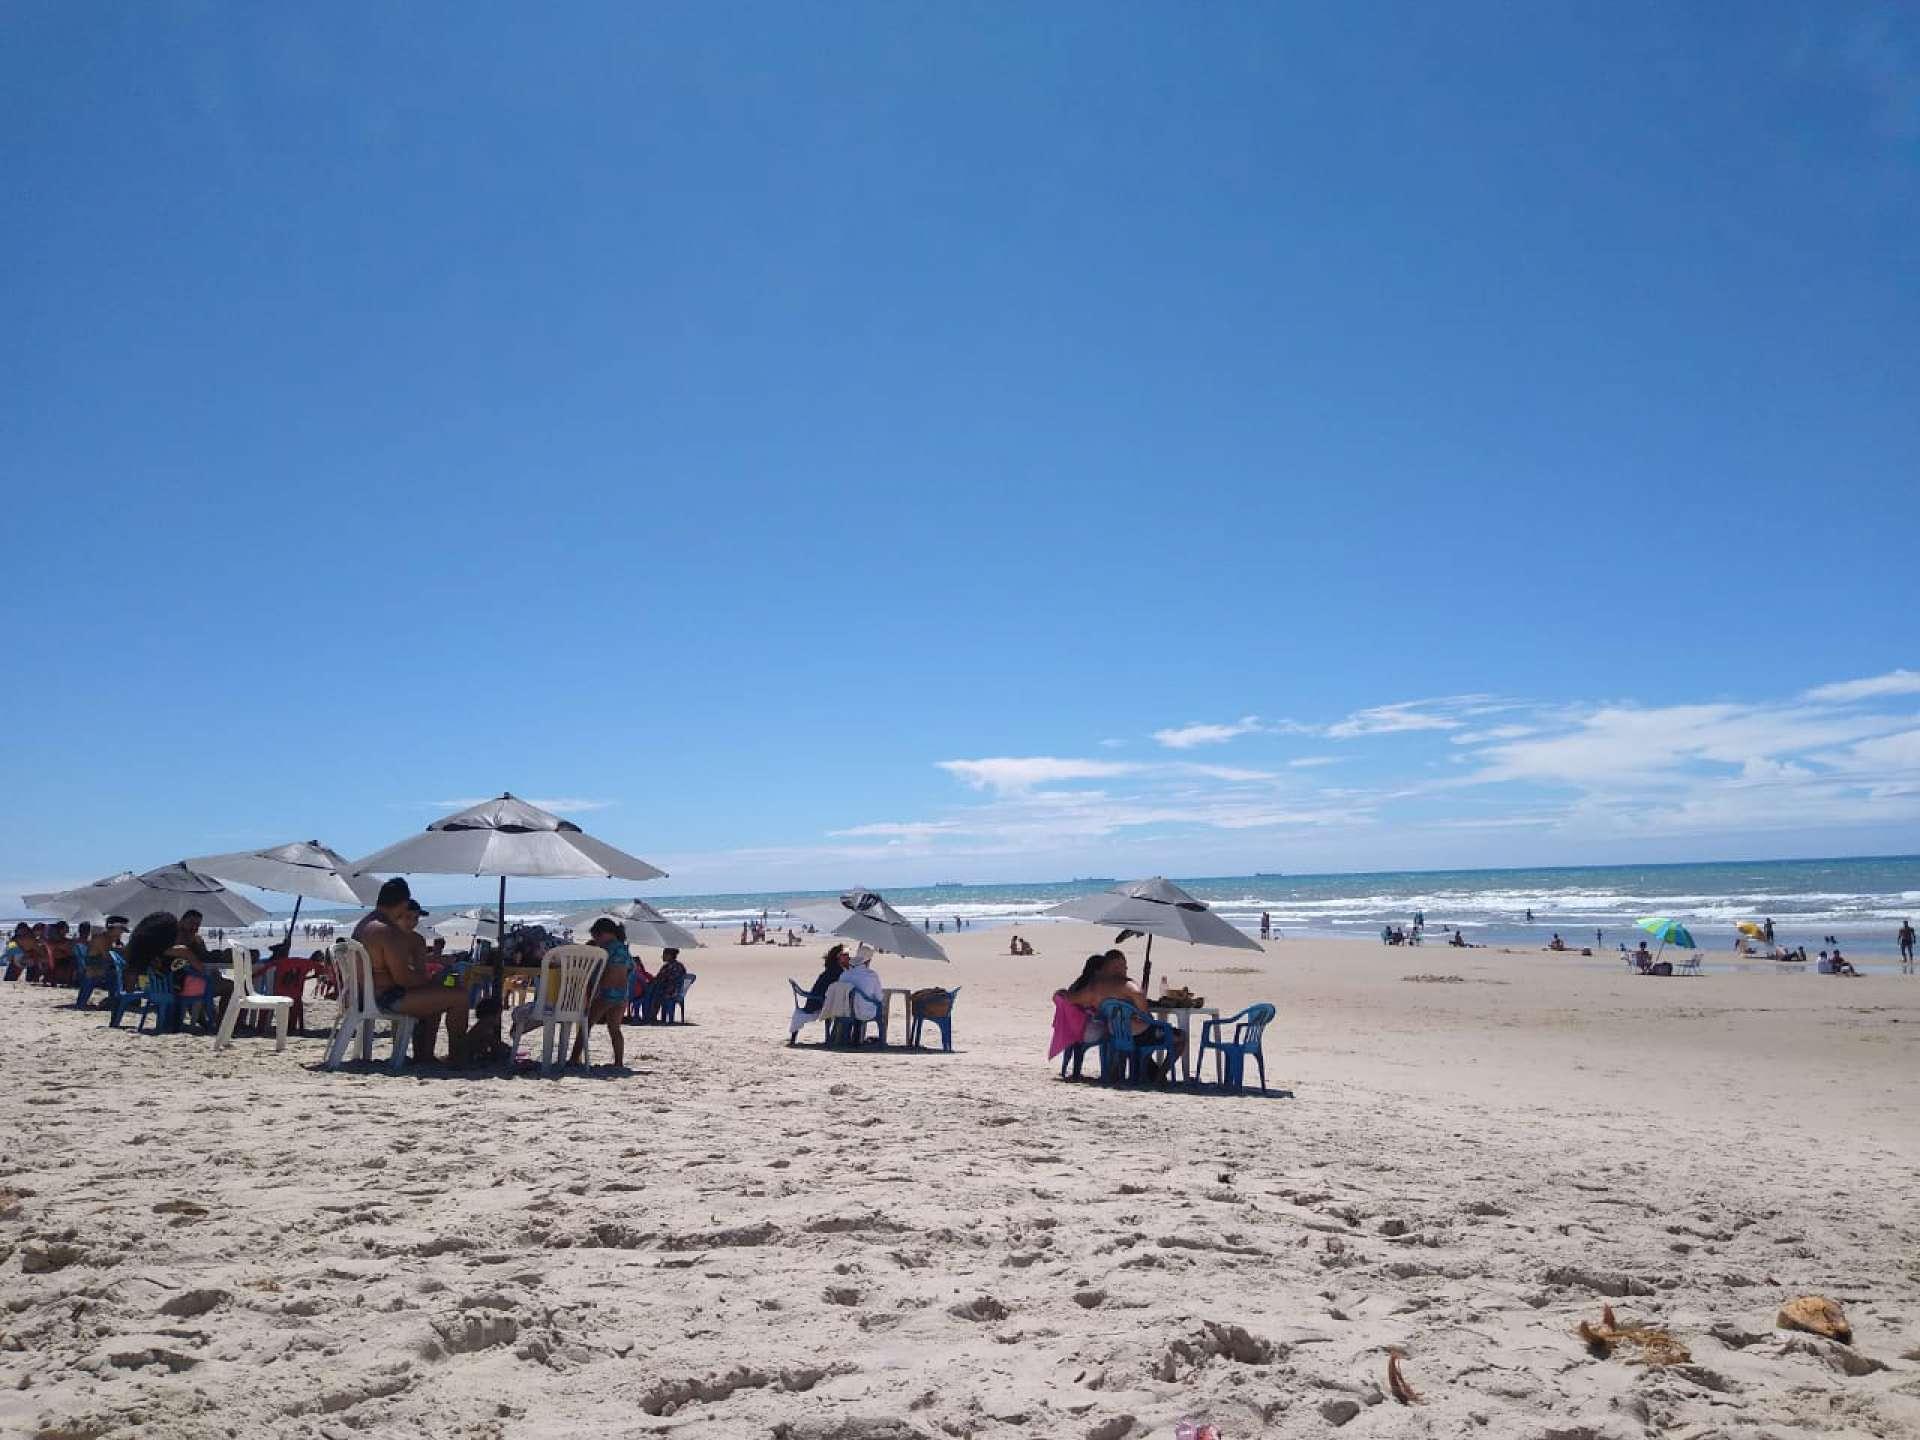 Praia do Futuro neste domingo, 5